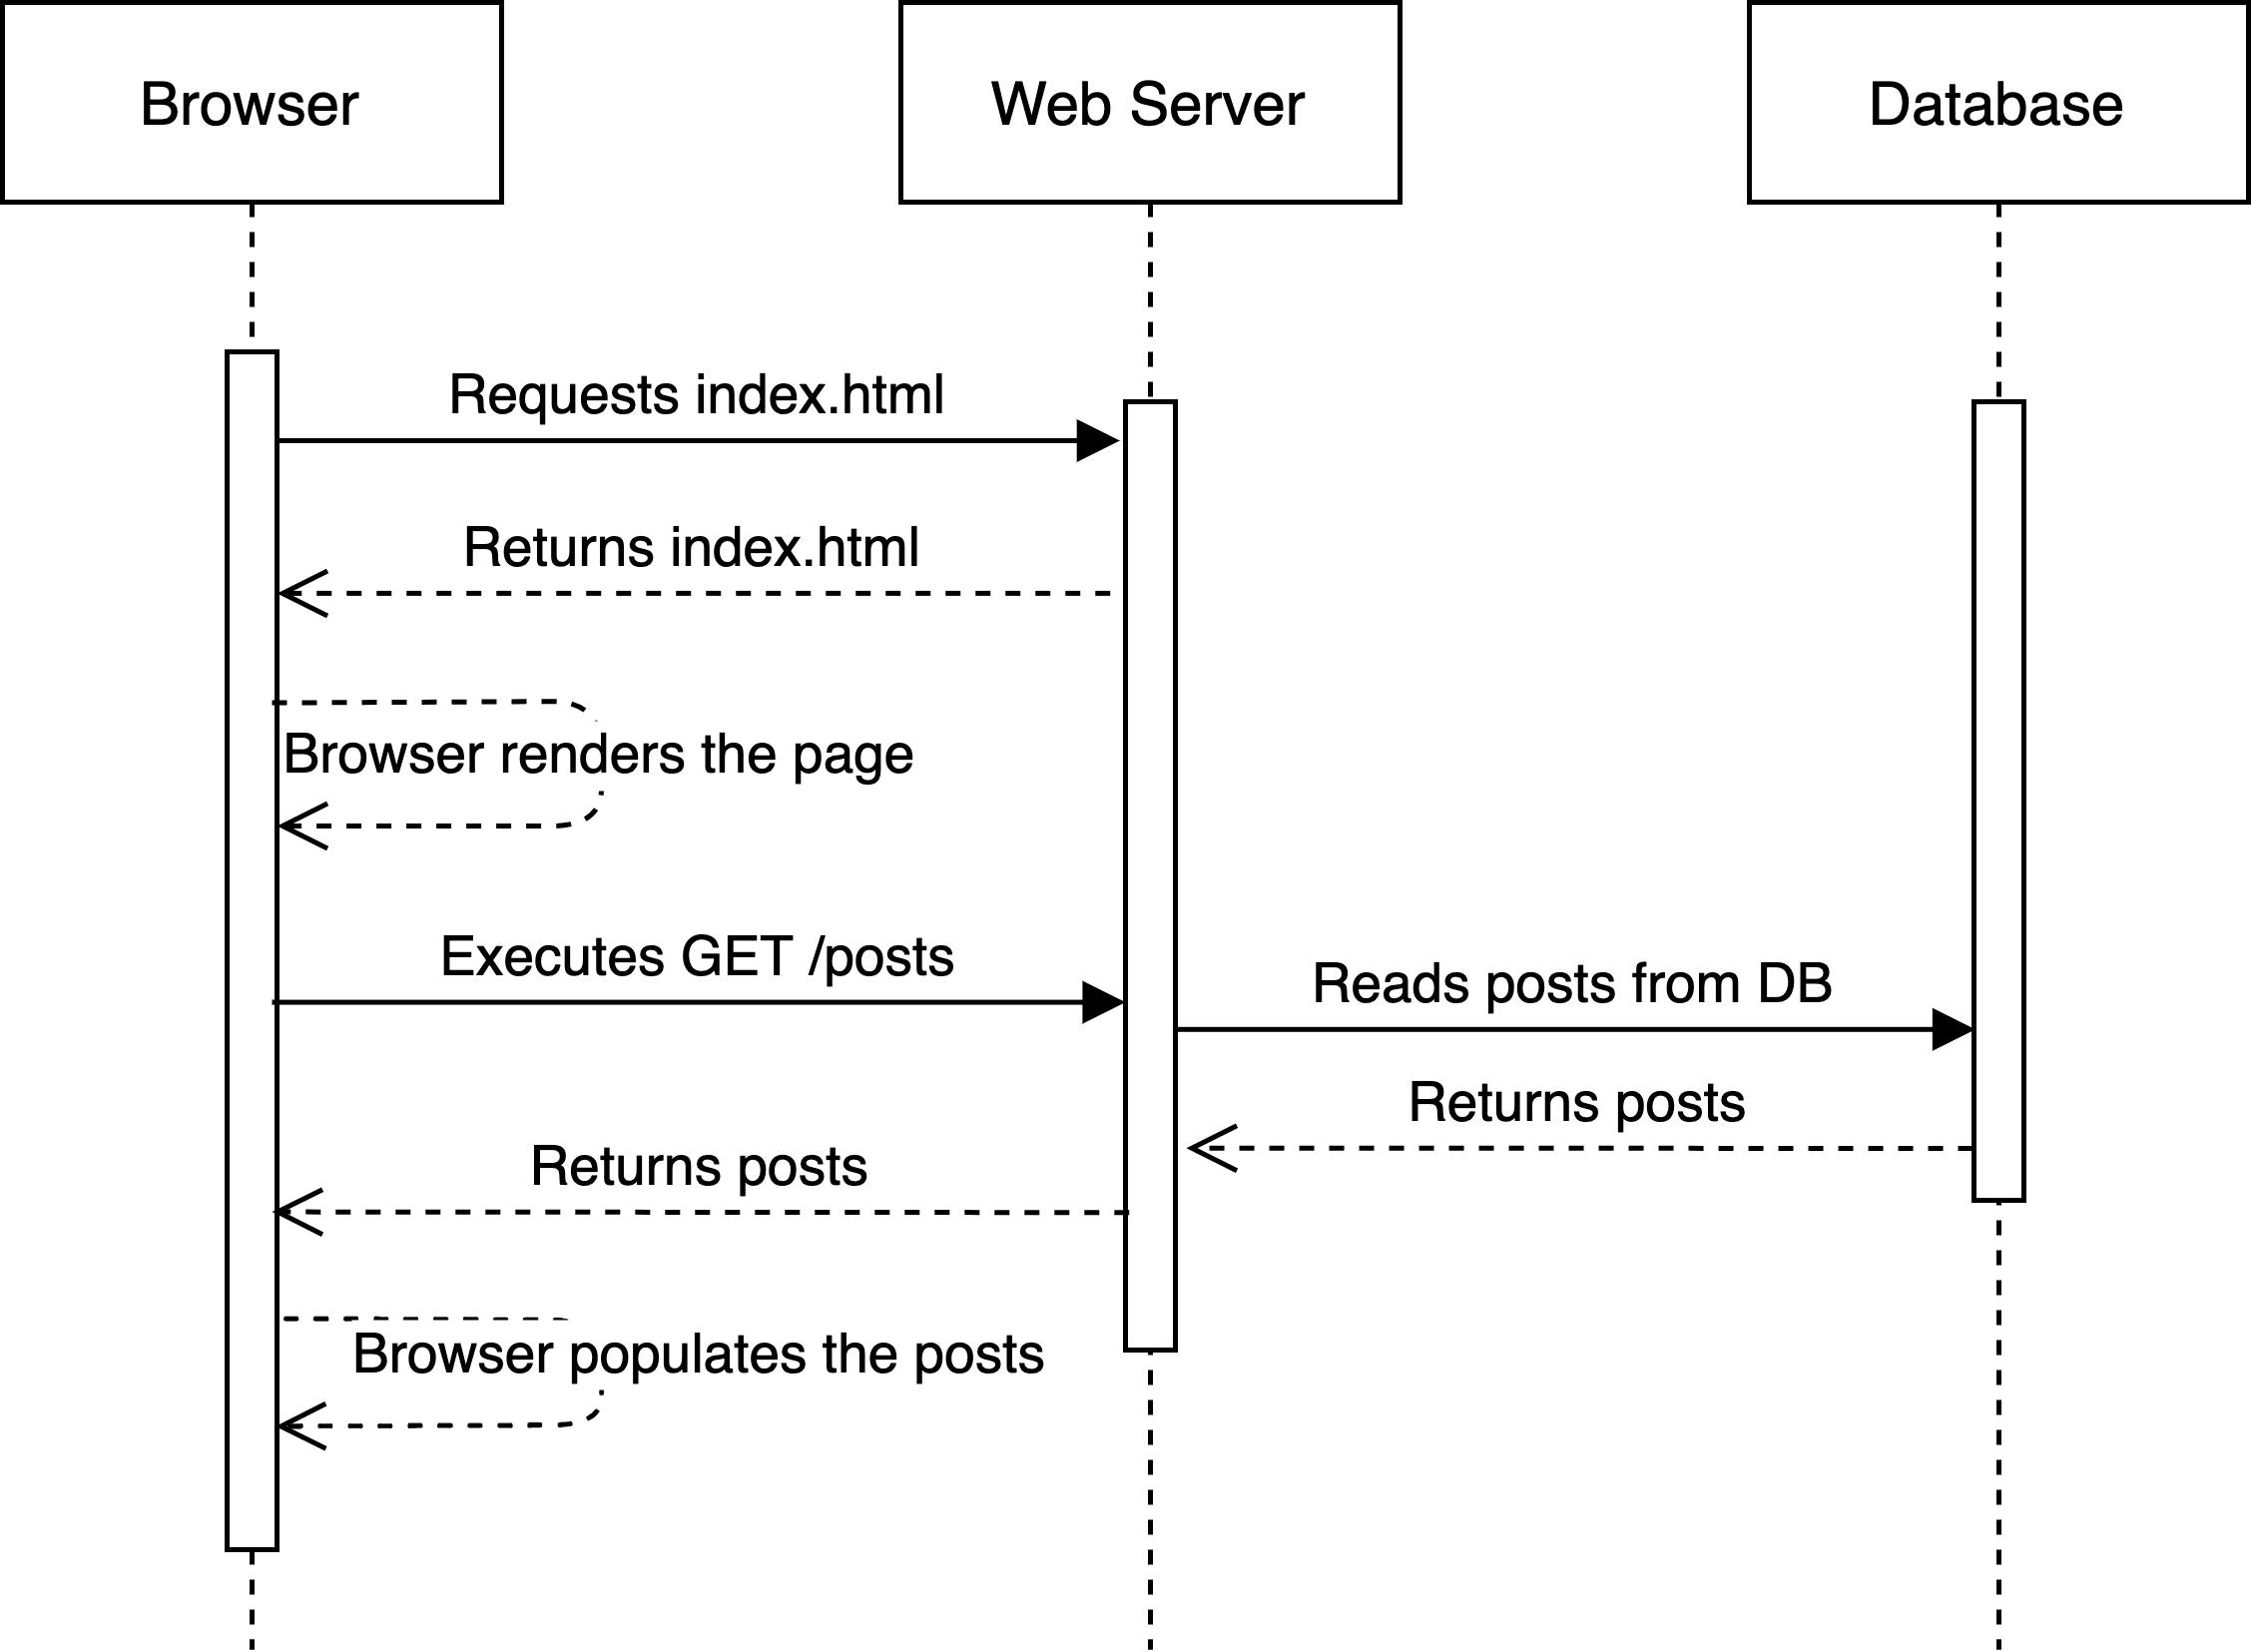 Client Side Diagram